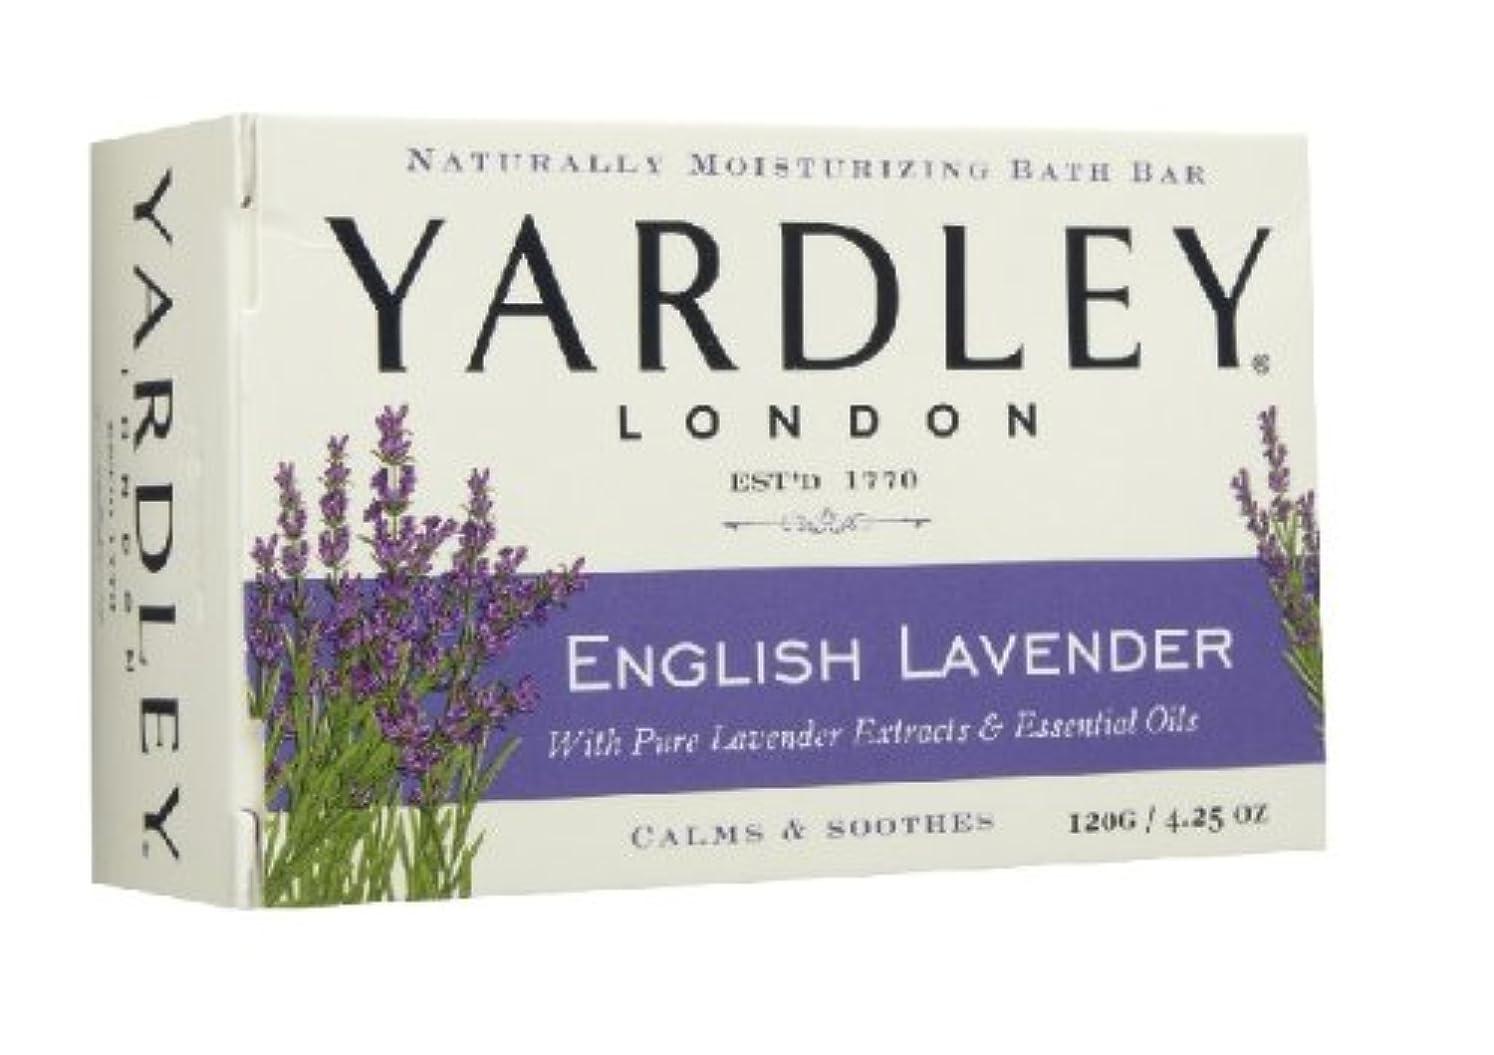 ファックス定数ショット【2個 ハワイ直送品】Yardley London English Lavender Verbena Moisturizing Bath Bar ヤードリー イングリッシュラベンダー ソープ  120g